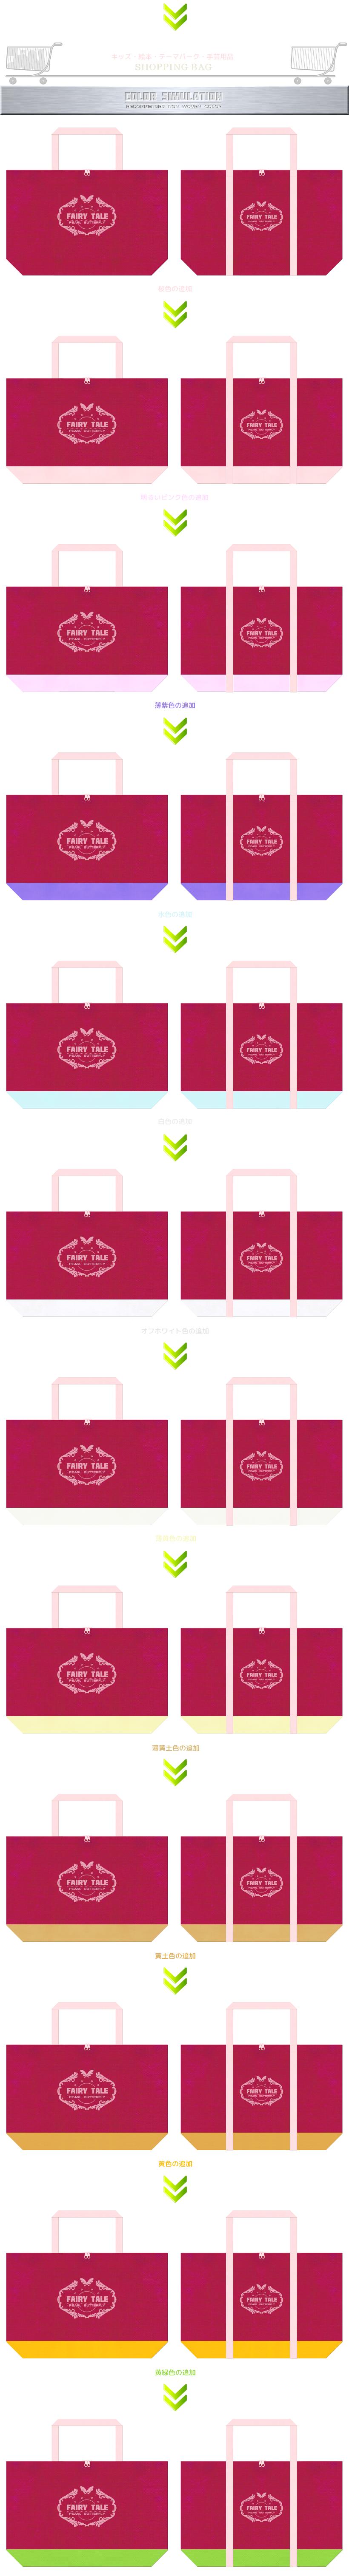 濃いピンク色と桜色メインの不織布ショッピングバッグのデザイン:ガーリーデザインのショッピングバッグ.2